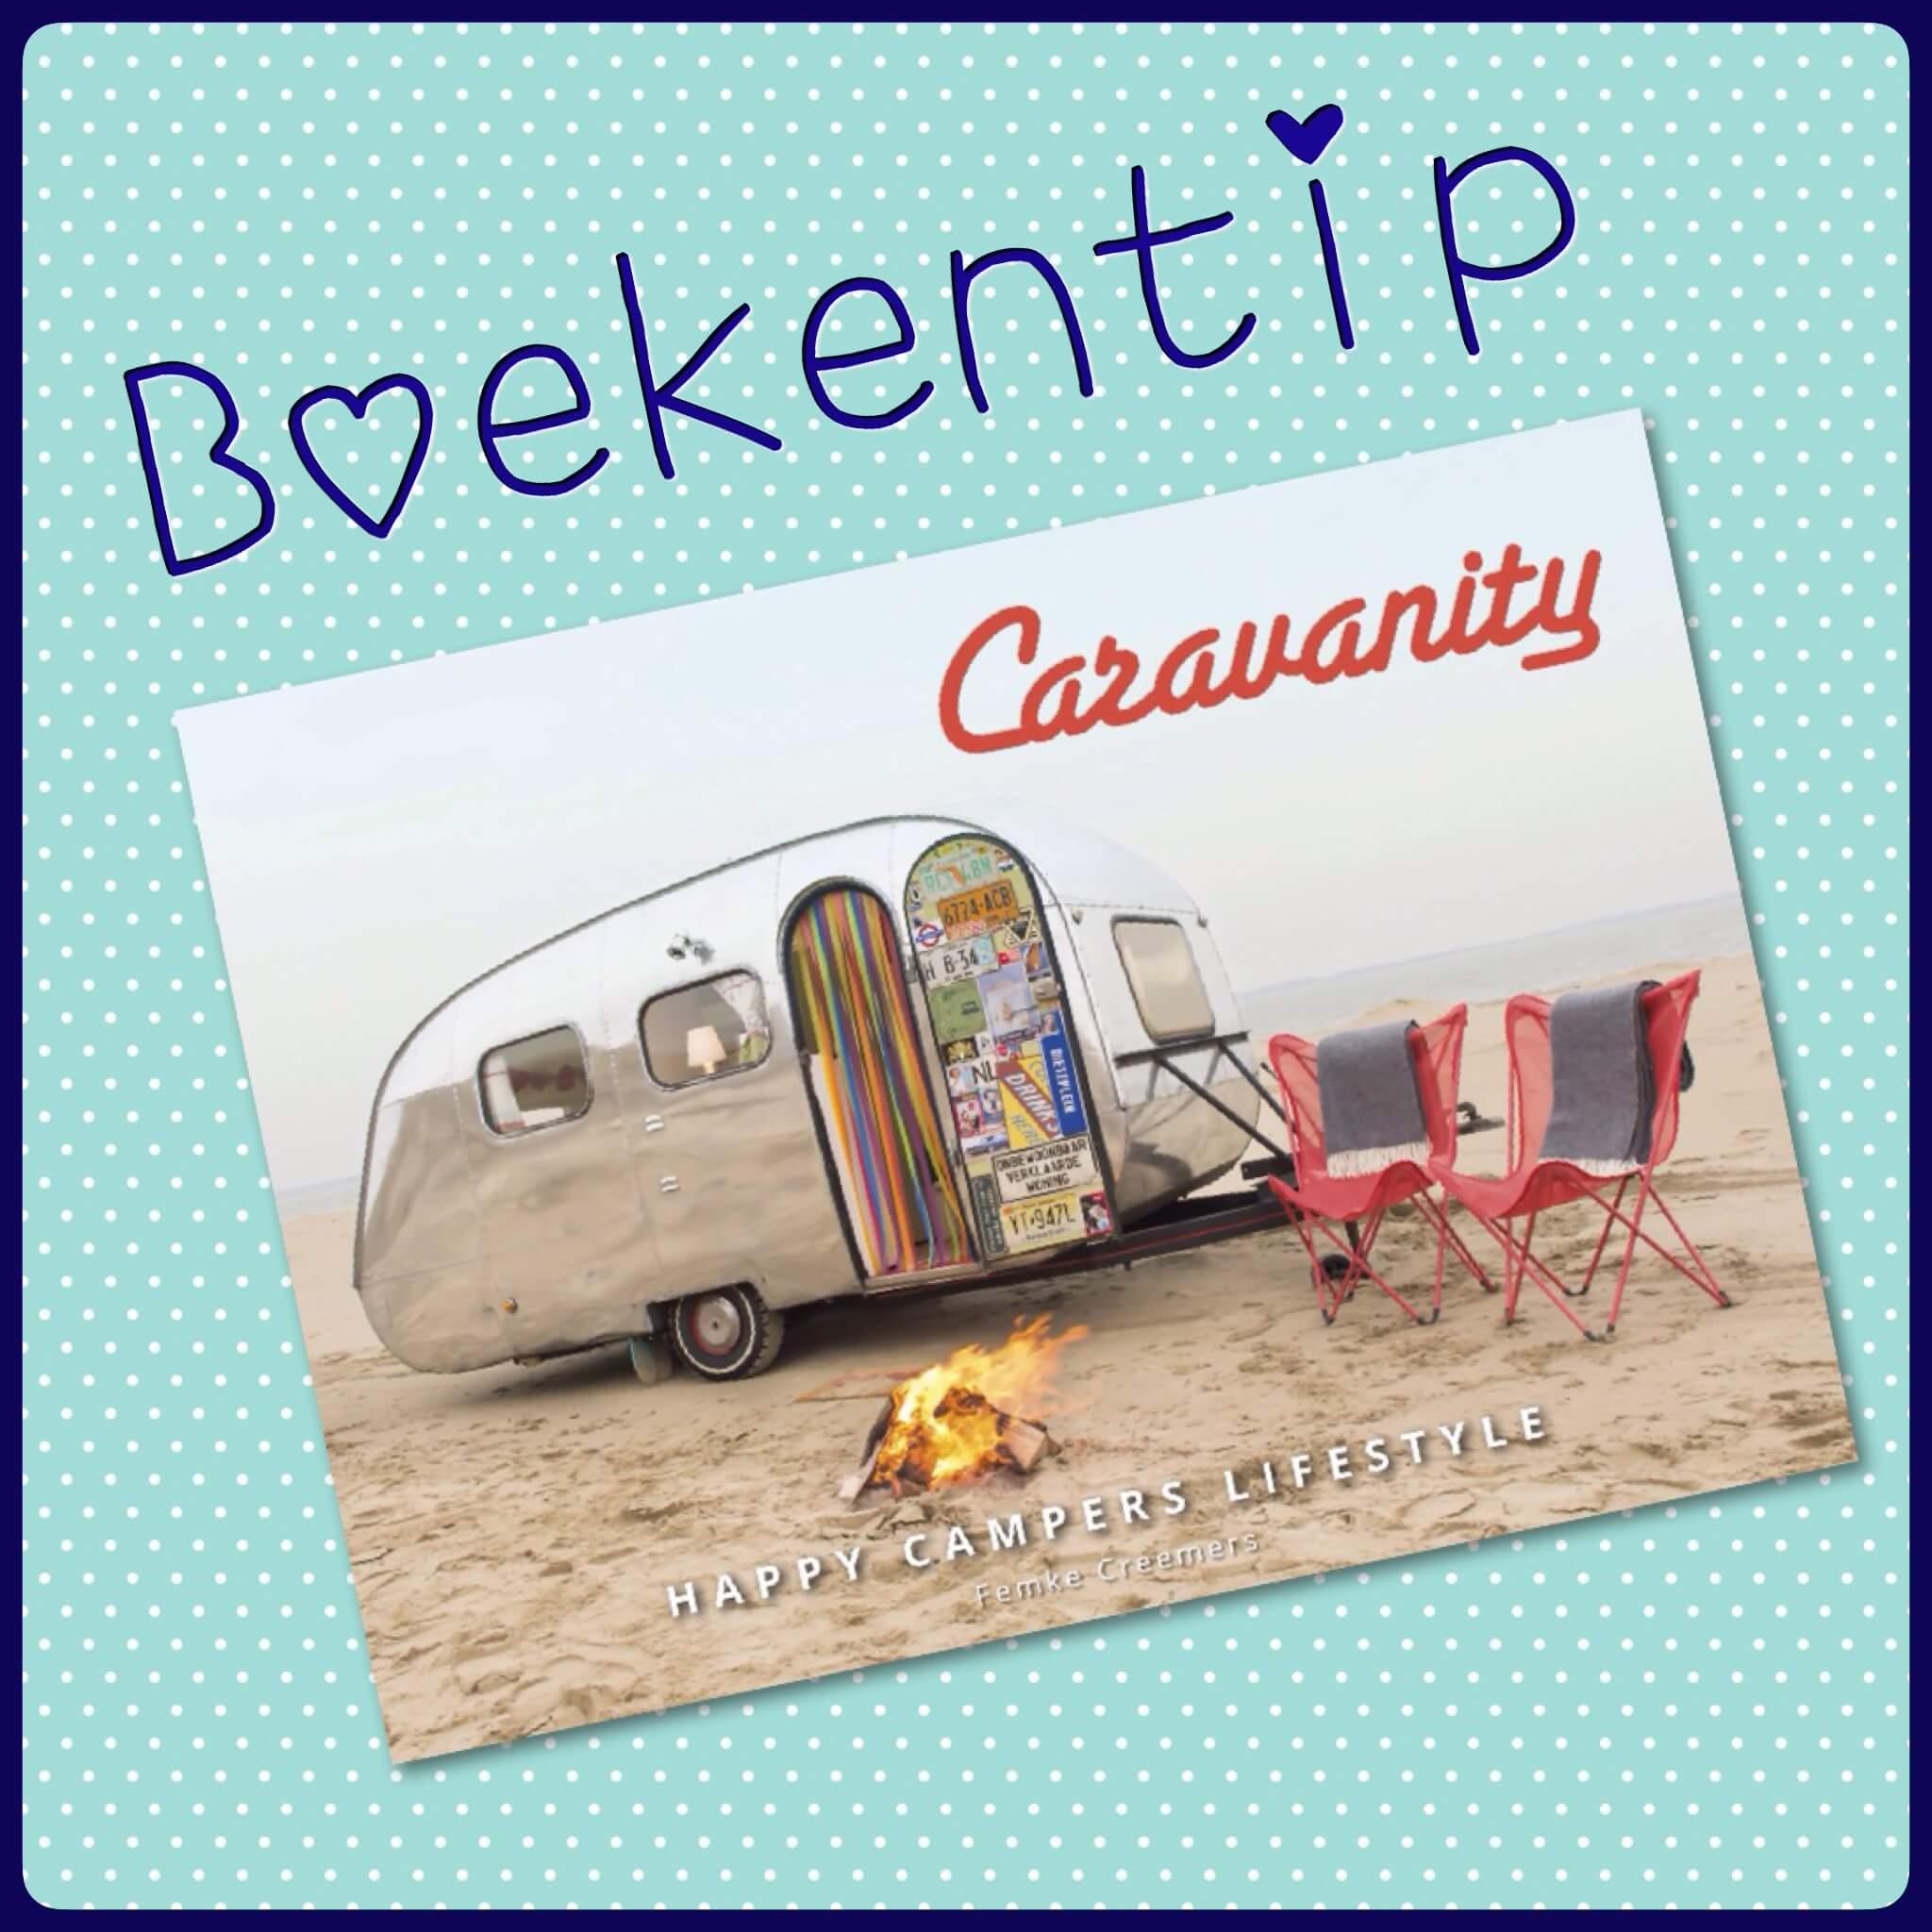 Boekentip: Caravanity, voor inspiratie om een caravan te pimpen